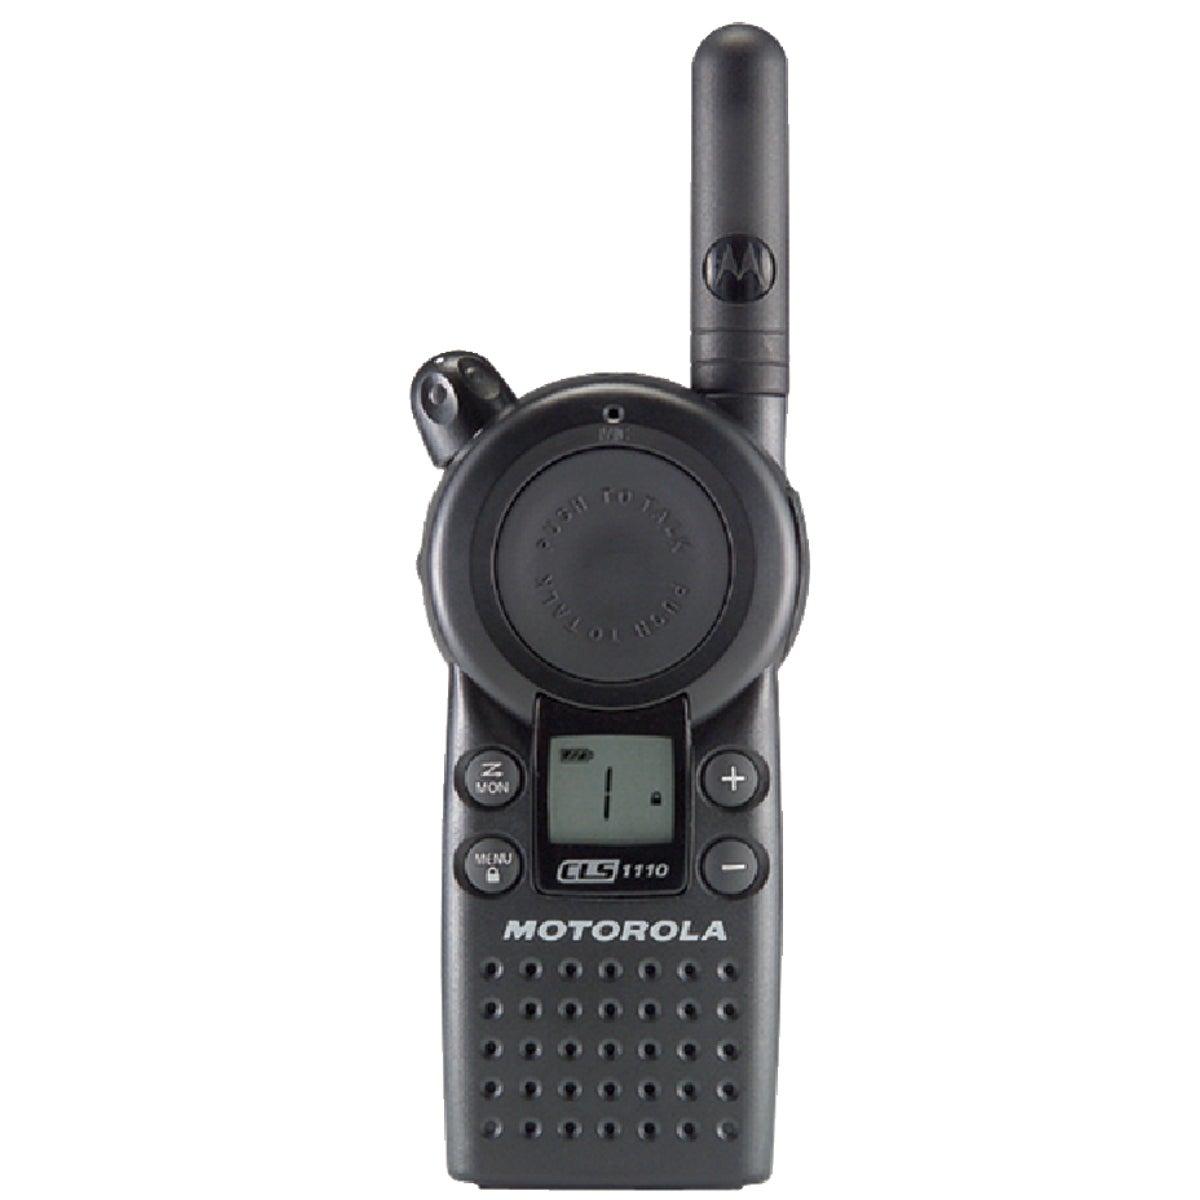 2-WAY UHF RADIO